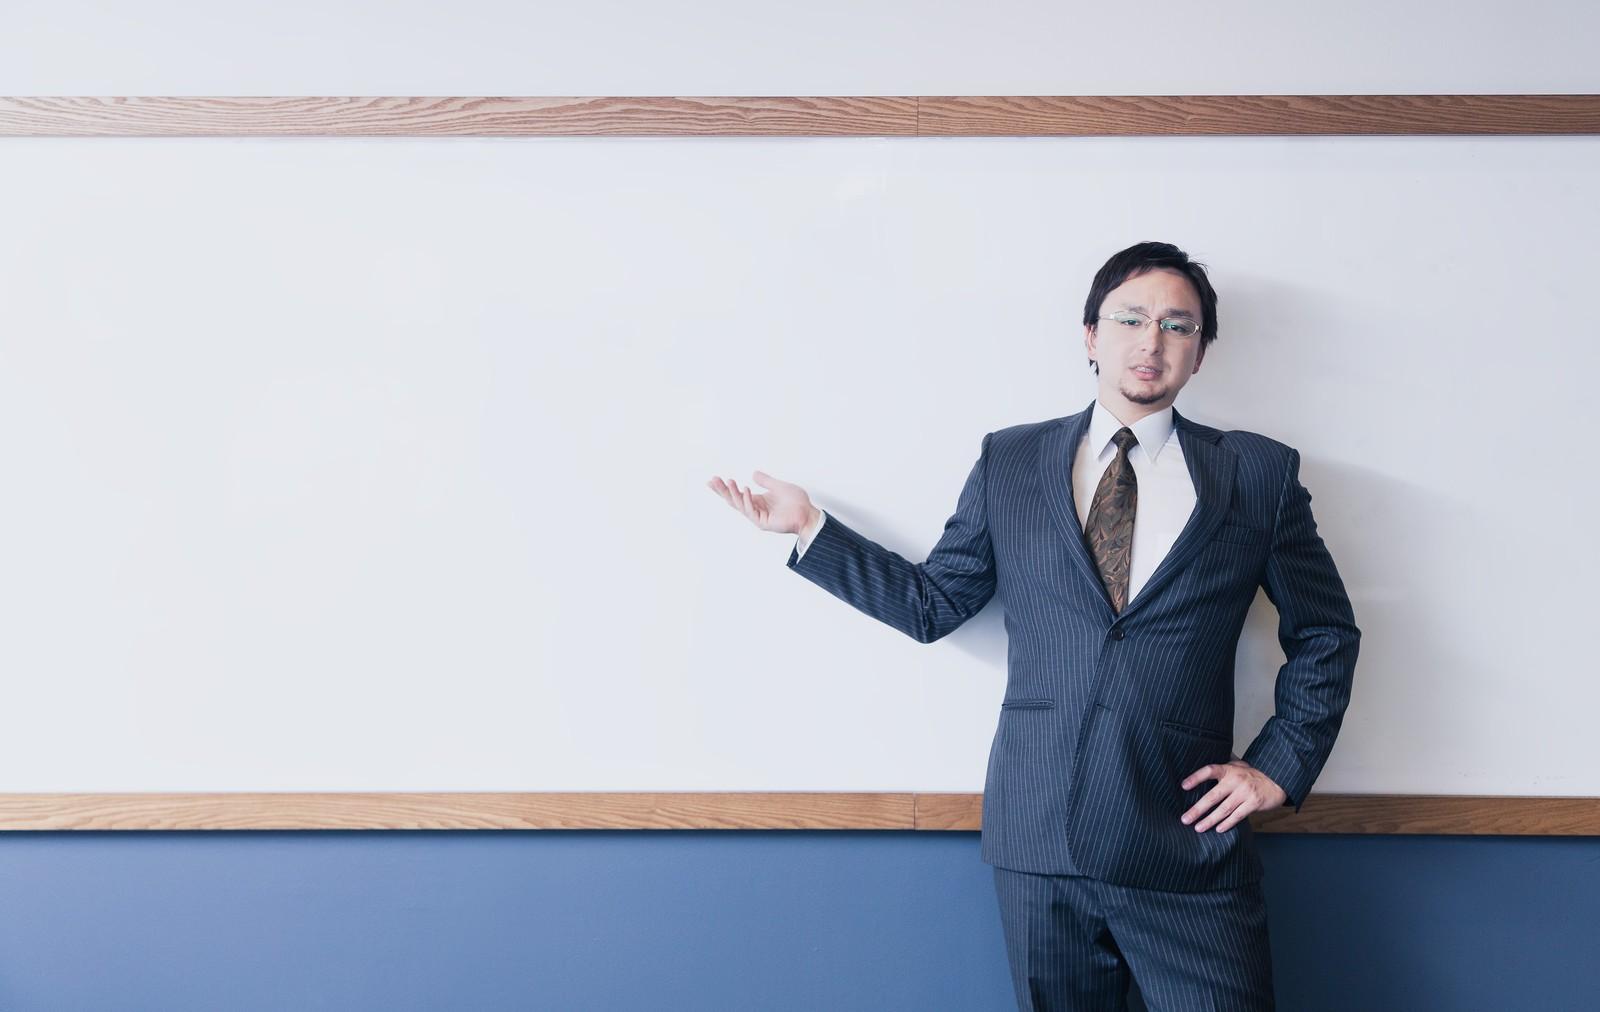 社員研修に参加する際の心構え